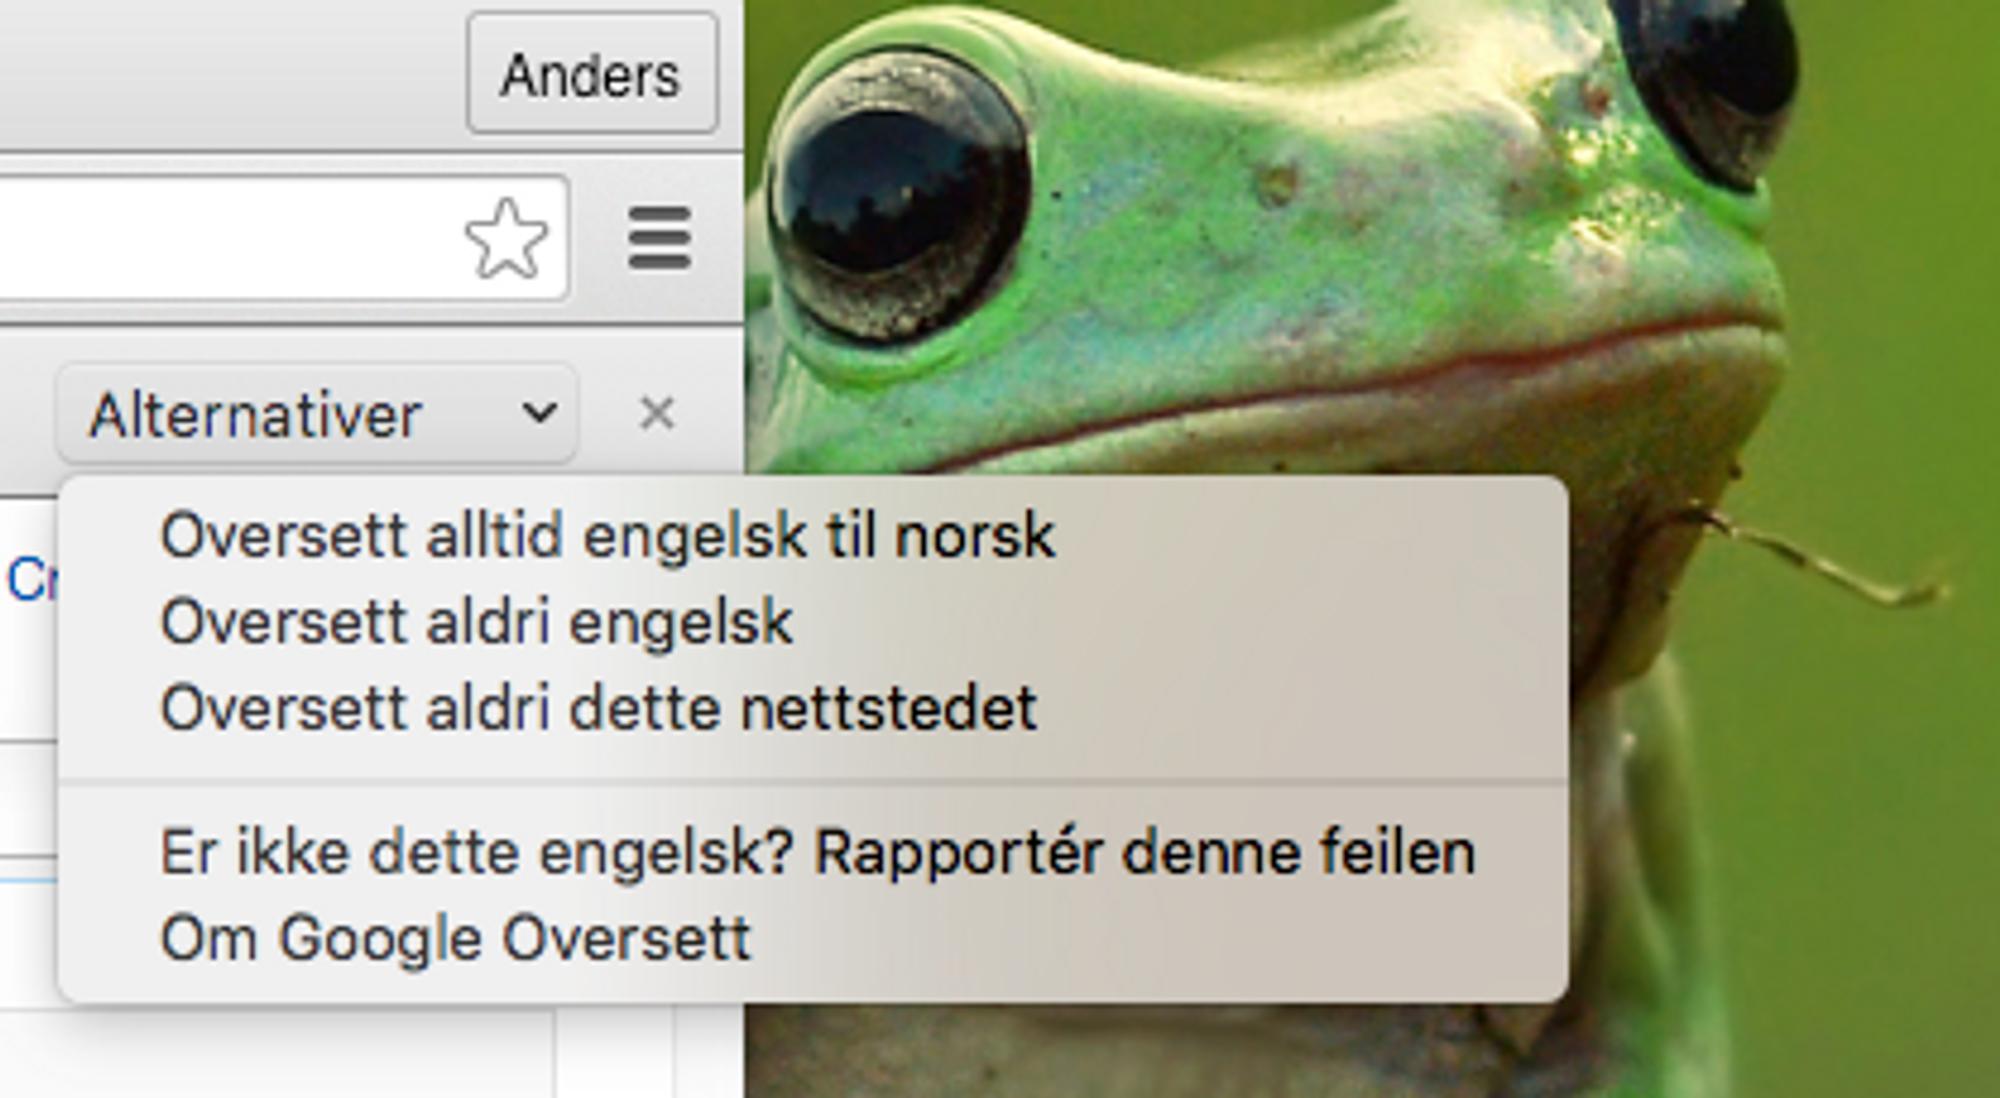 «Oversett aldri [språk]» er en rask, men ikke spesielt effektiv, måte å fortelle Chrome hvilke nettsider du ikke vil ha oversatt.